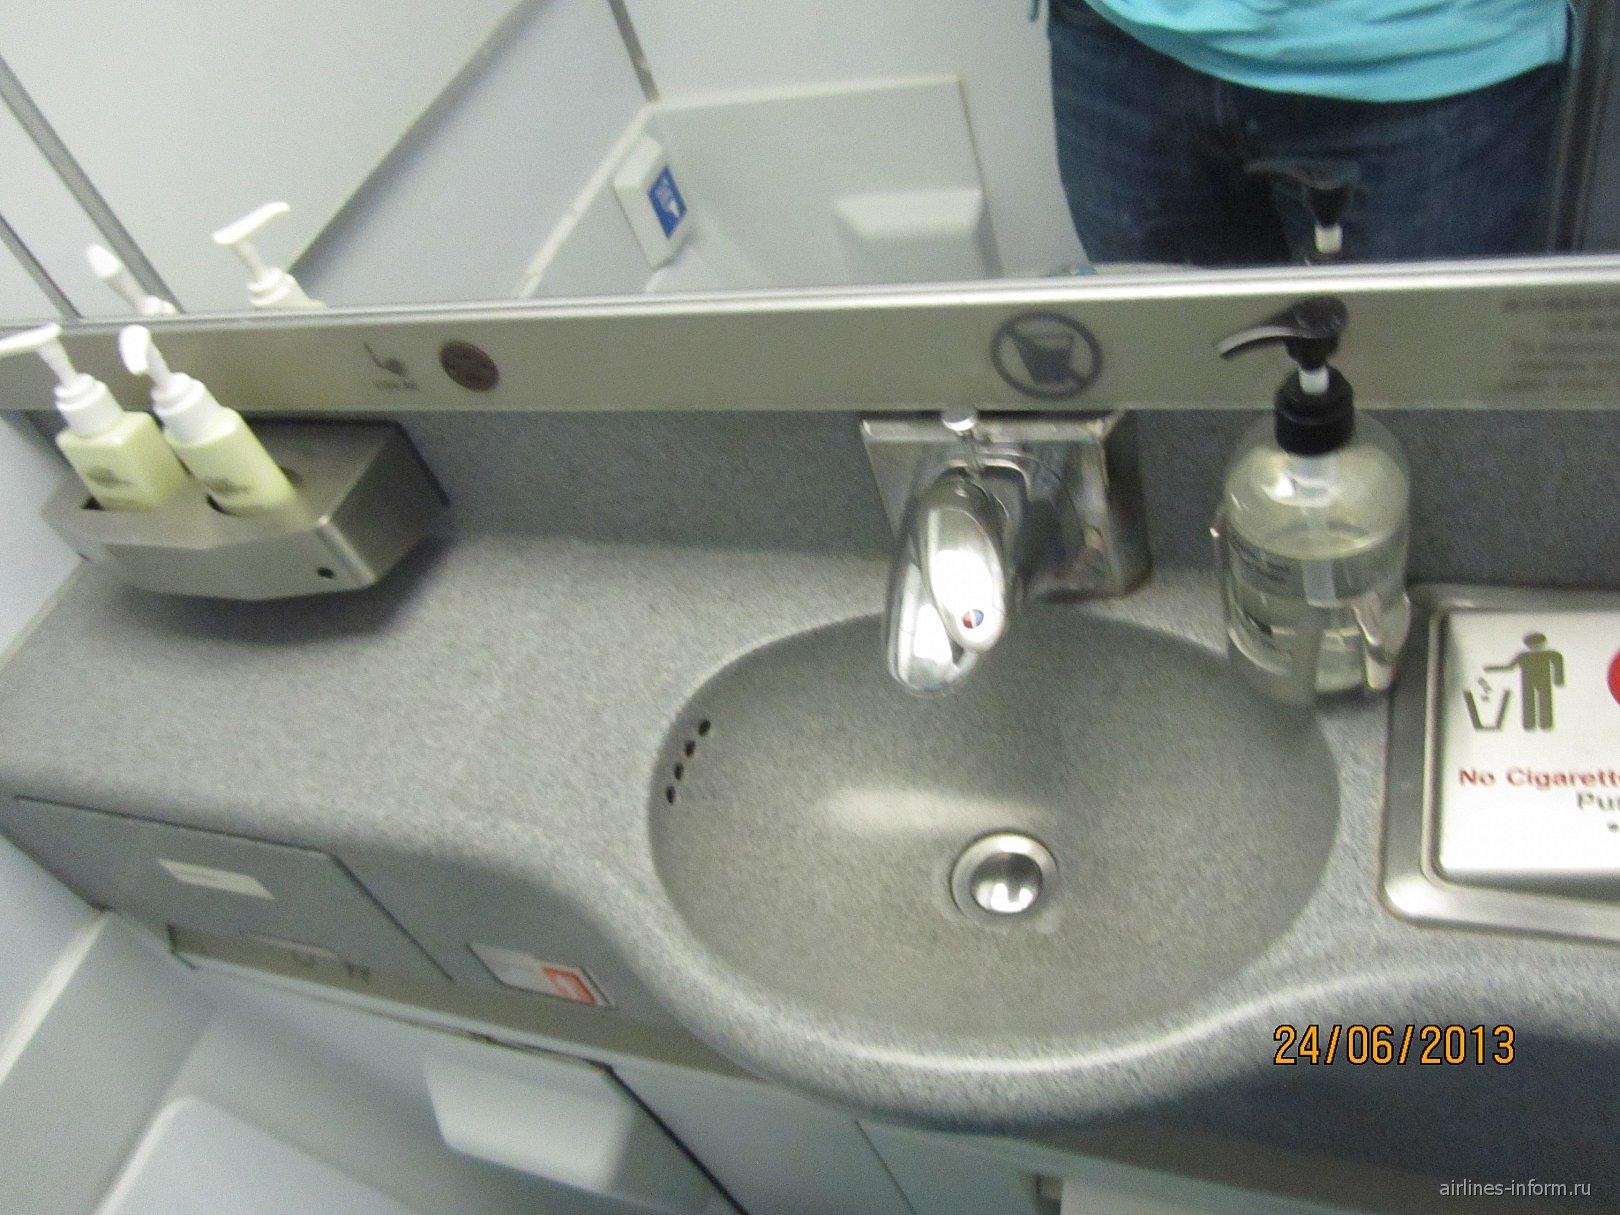 Туалет самолета Боинг-747-400 авиакомпании Cathay Pacific